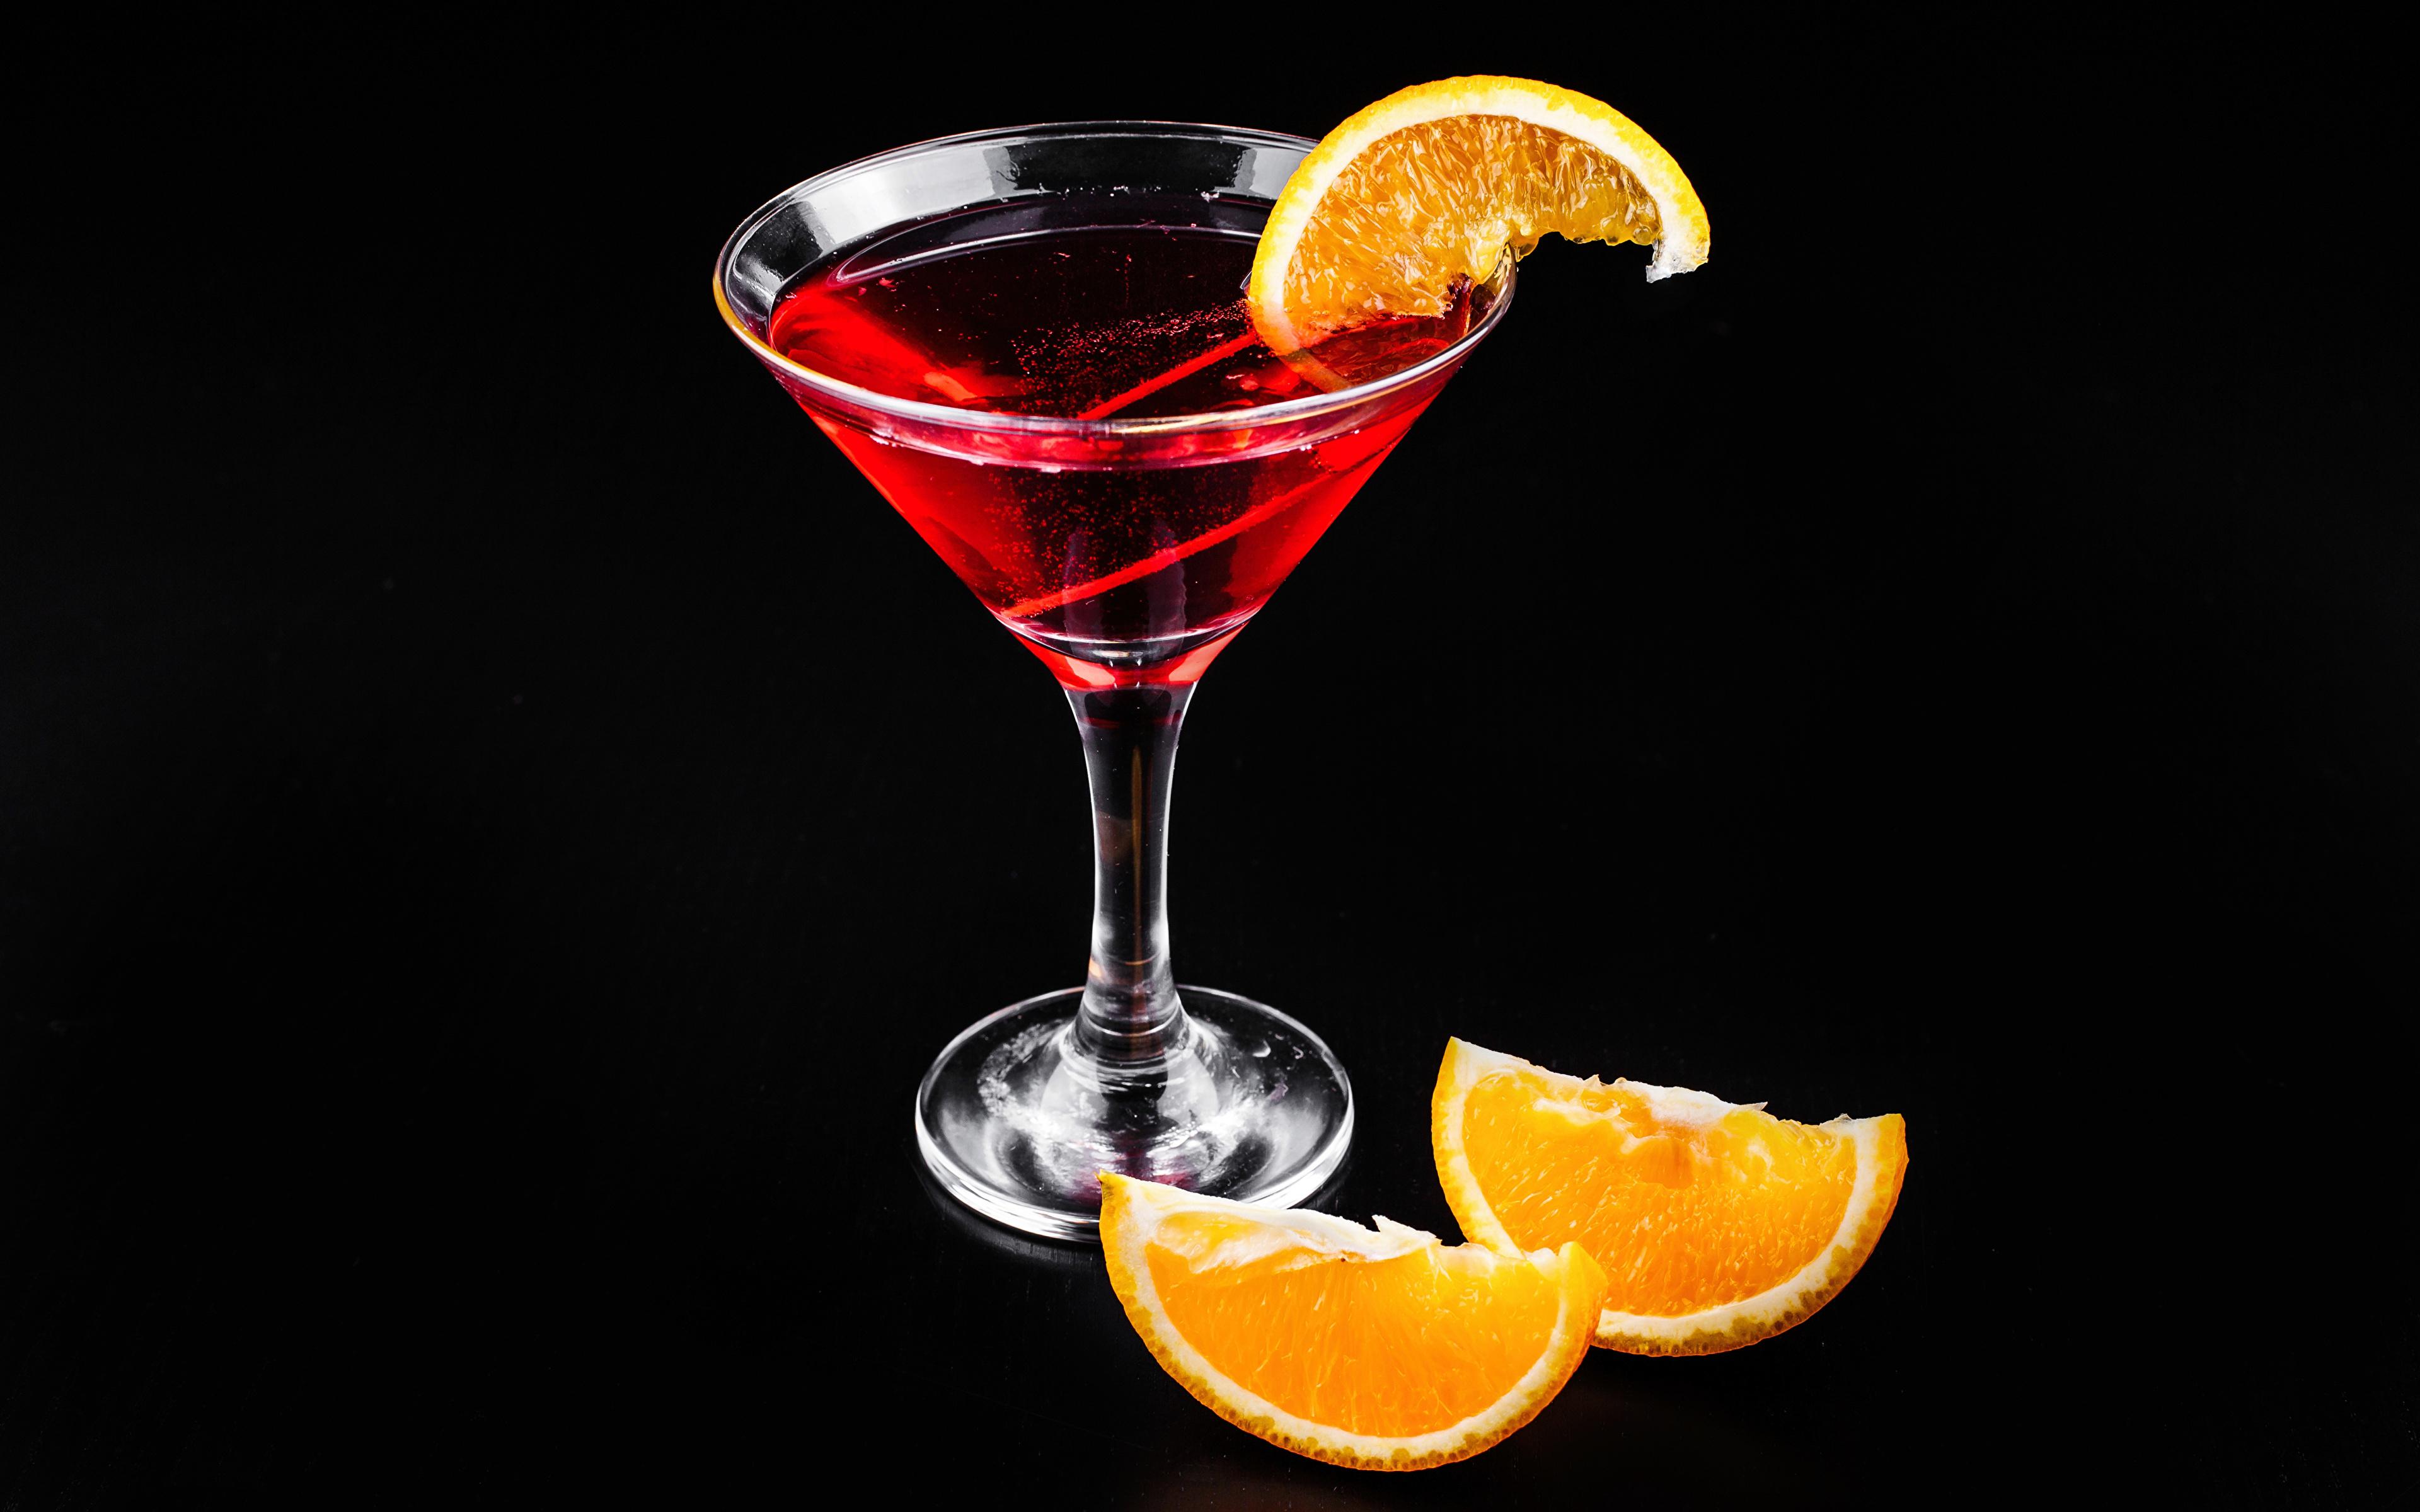 Обои Алкогольные напитки Апельсин Бокалы Коктейль Продукты питания Черный фон 3840x2400 Еда Пища